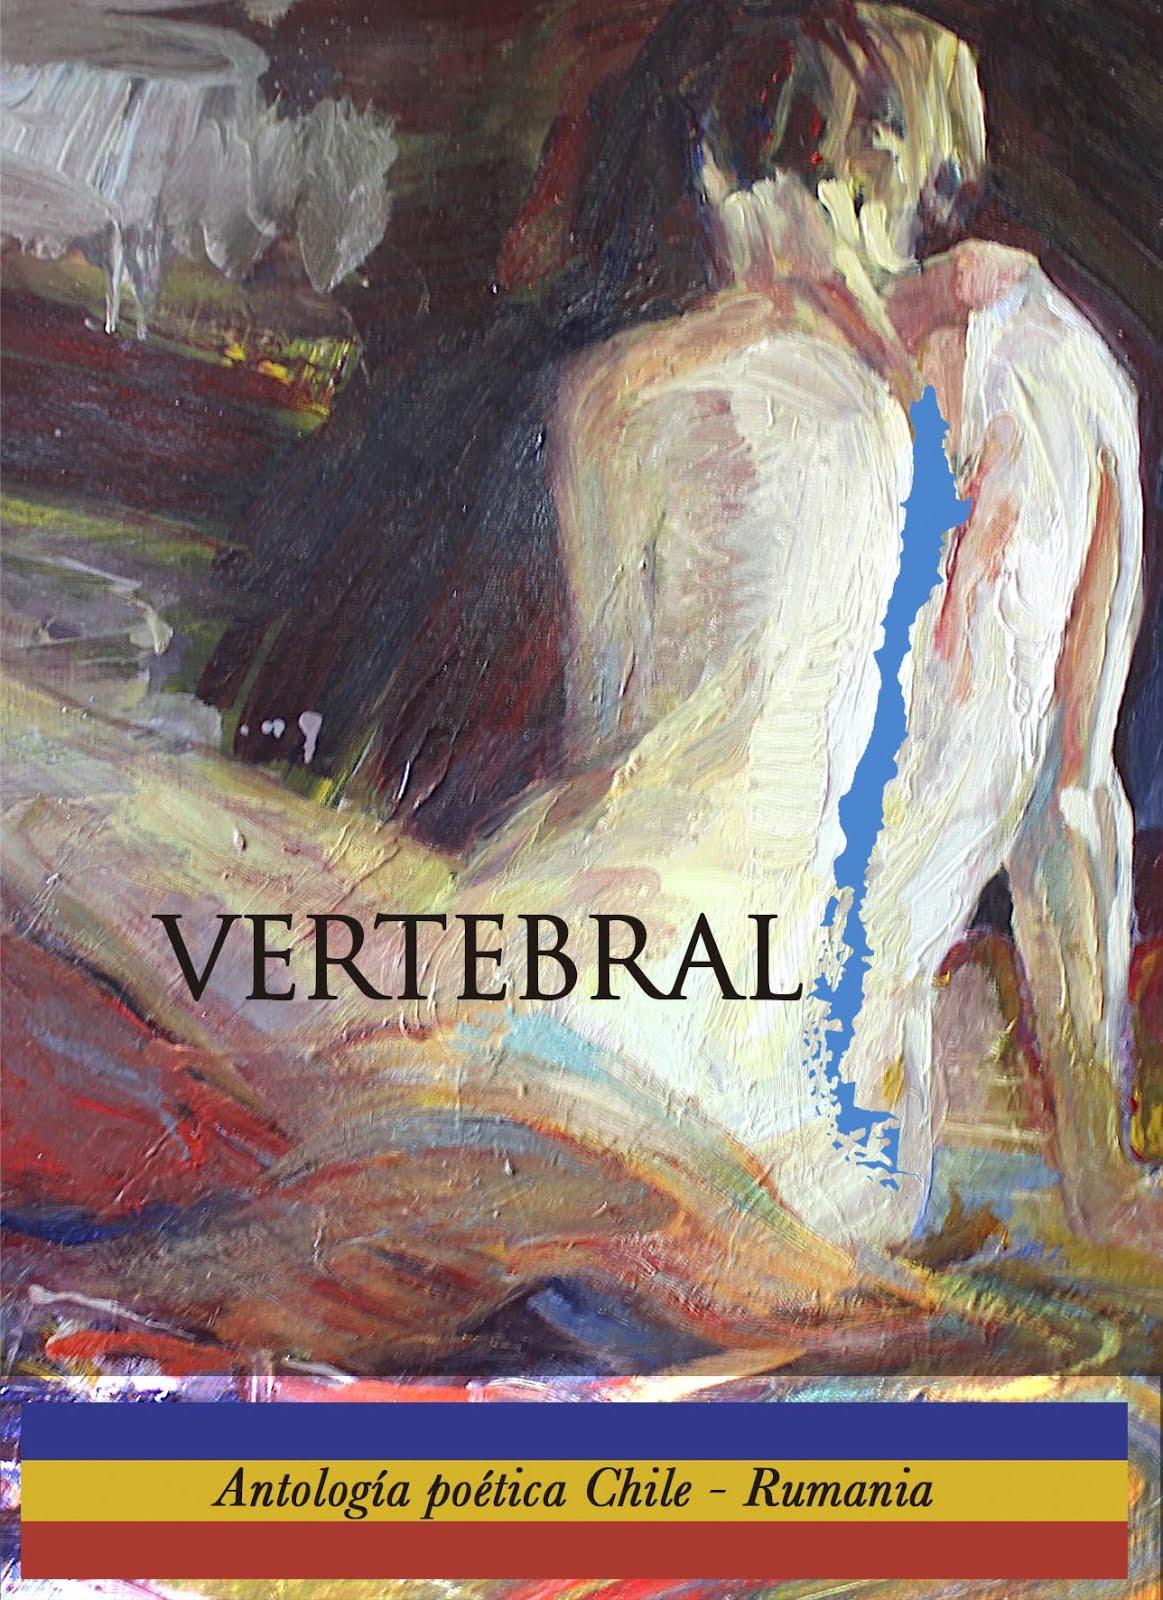 Queridos amigos nuestro libro ya esta a la venta en Chile